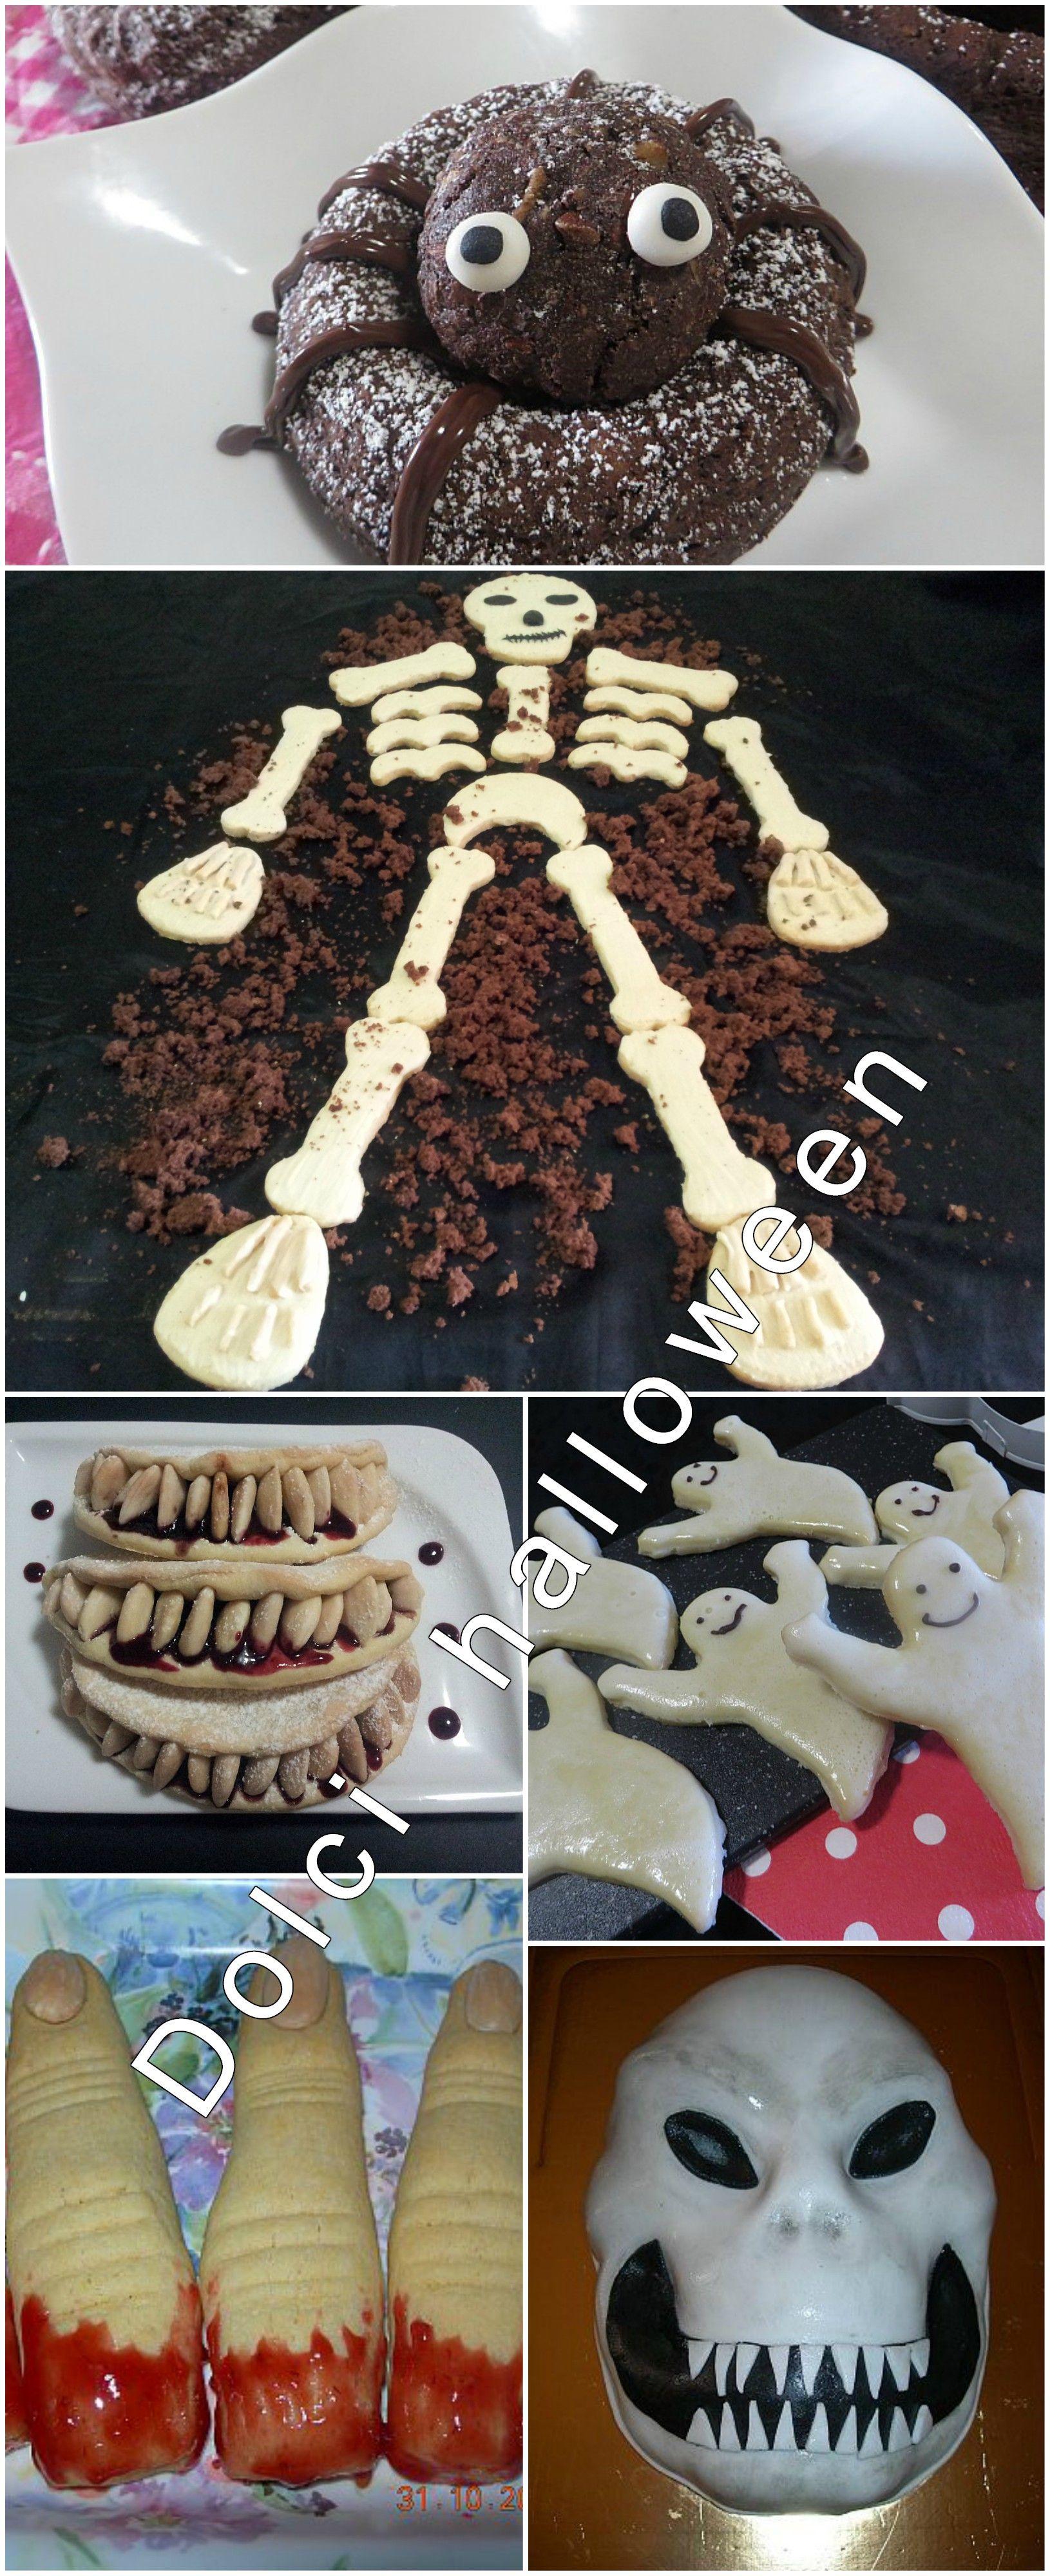 Ricette Halloween Ricetta Ricette, Ricetta halloween